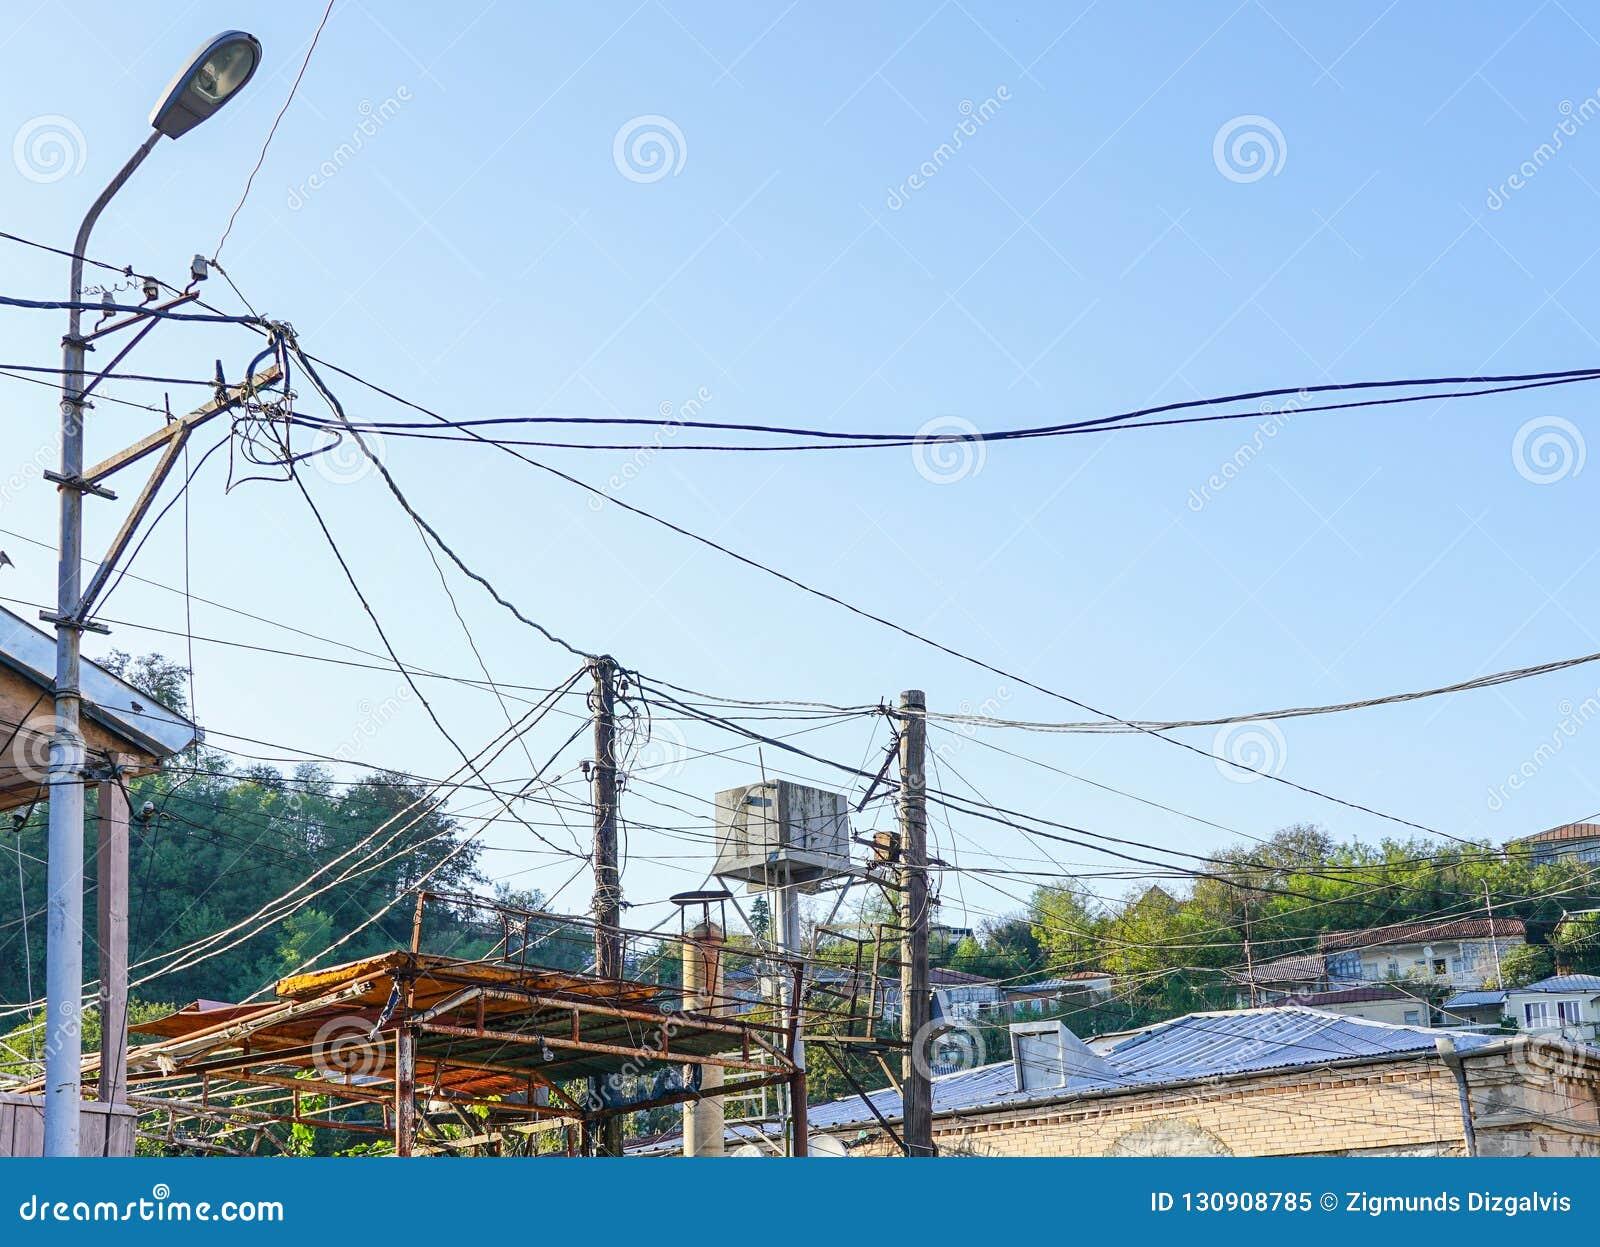 Παλαιά θέση φωτισμού με πολλά ηλεκτρικά καλώδια ή καλώδια ανεφοδιασμού για την τηλεφωνική επικοινωνία